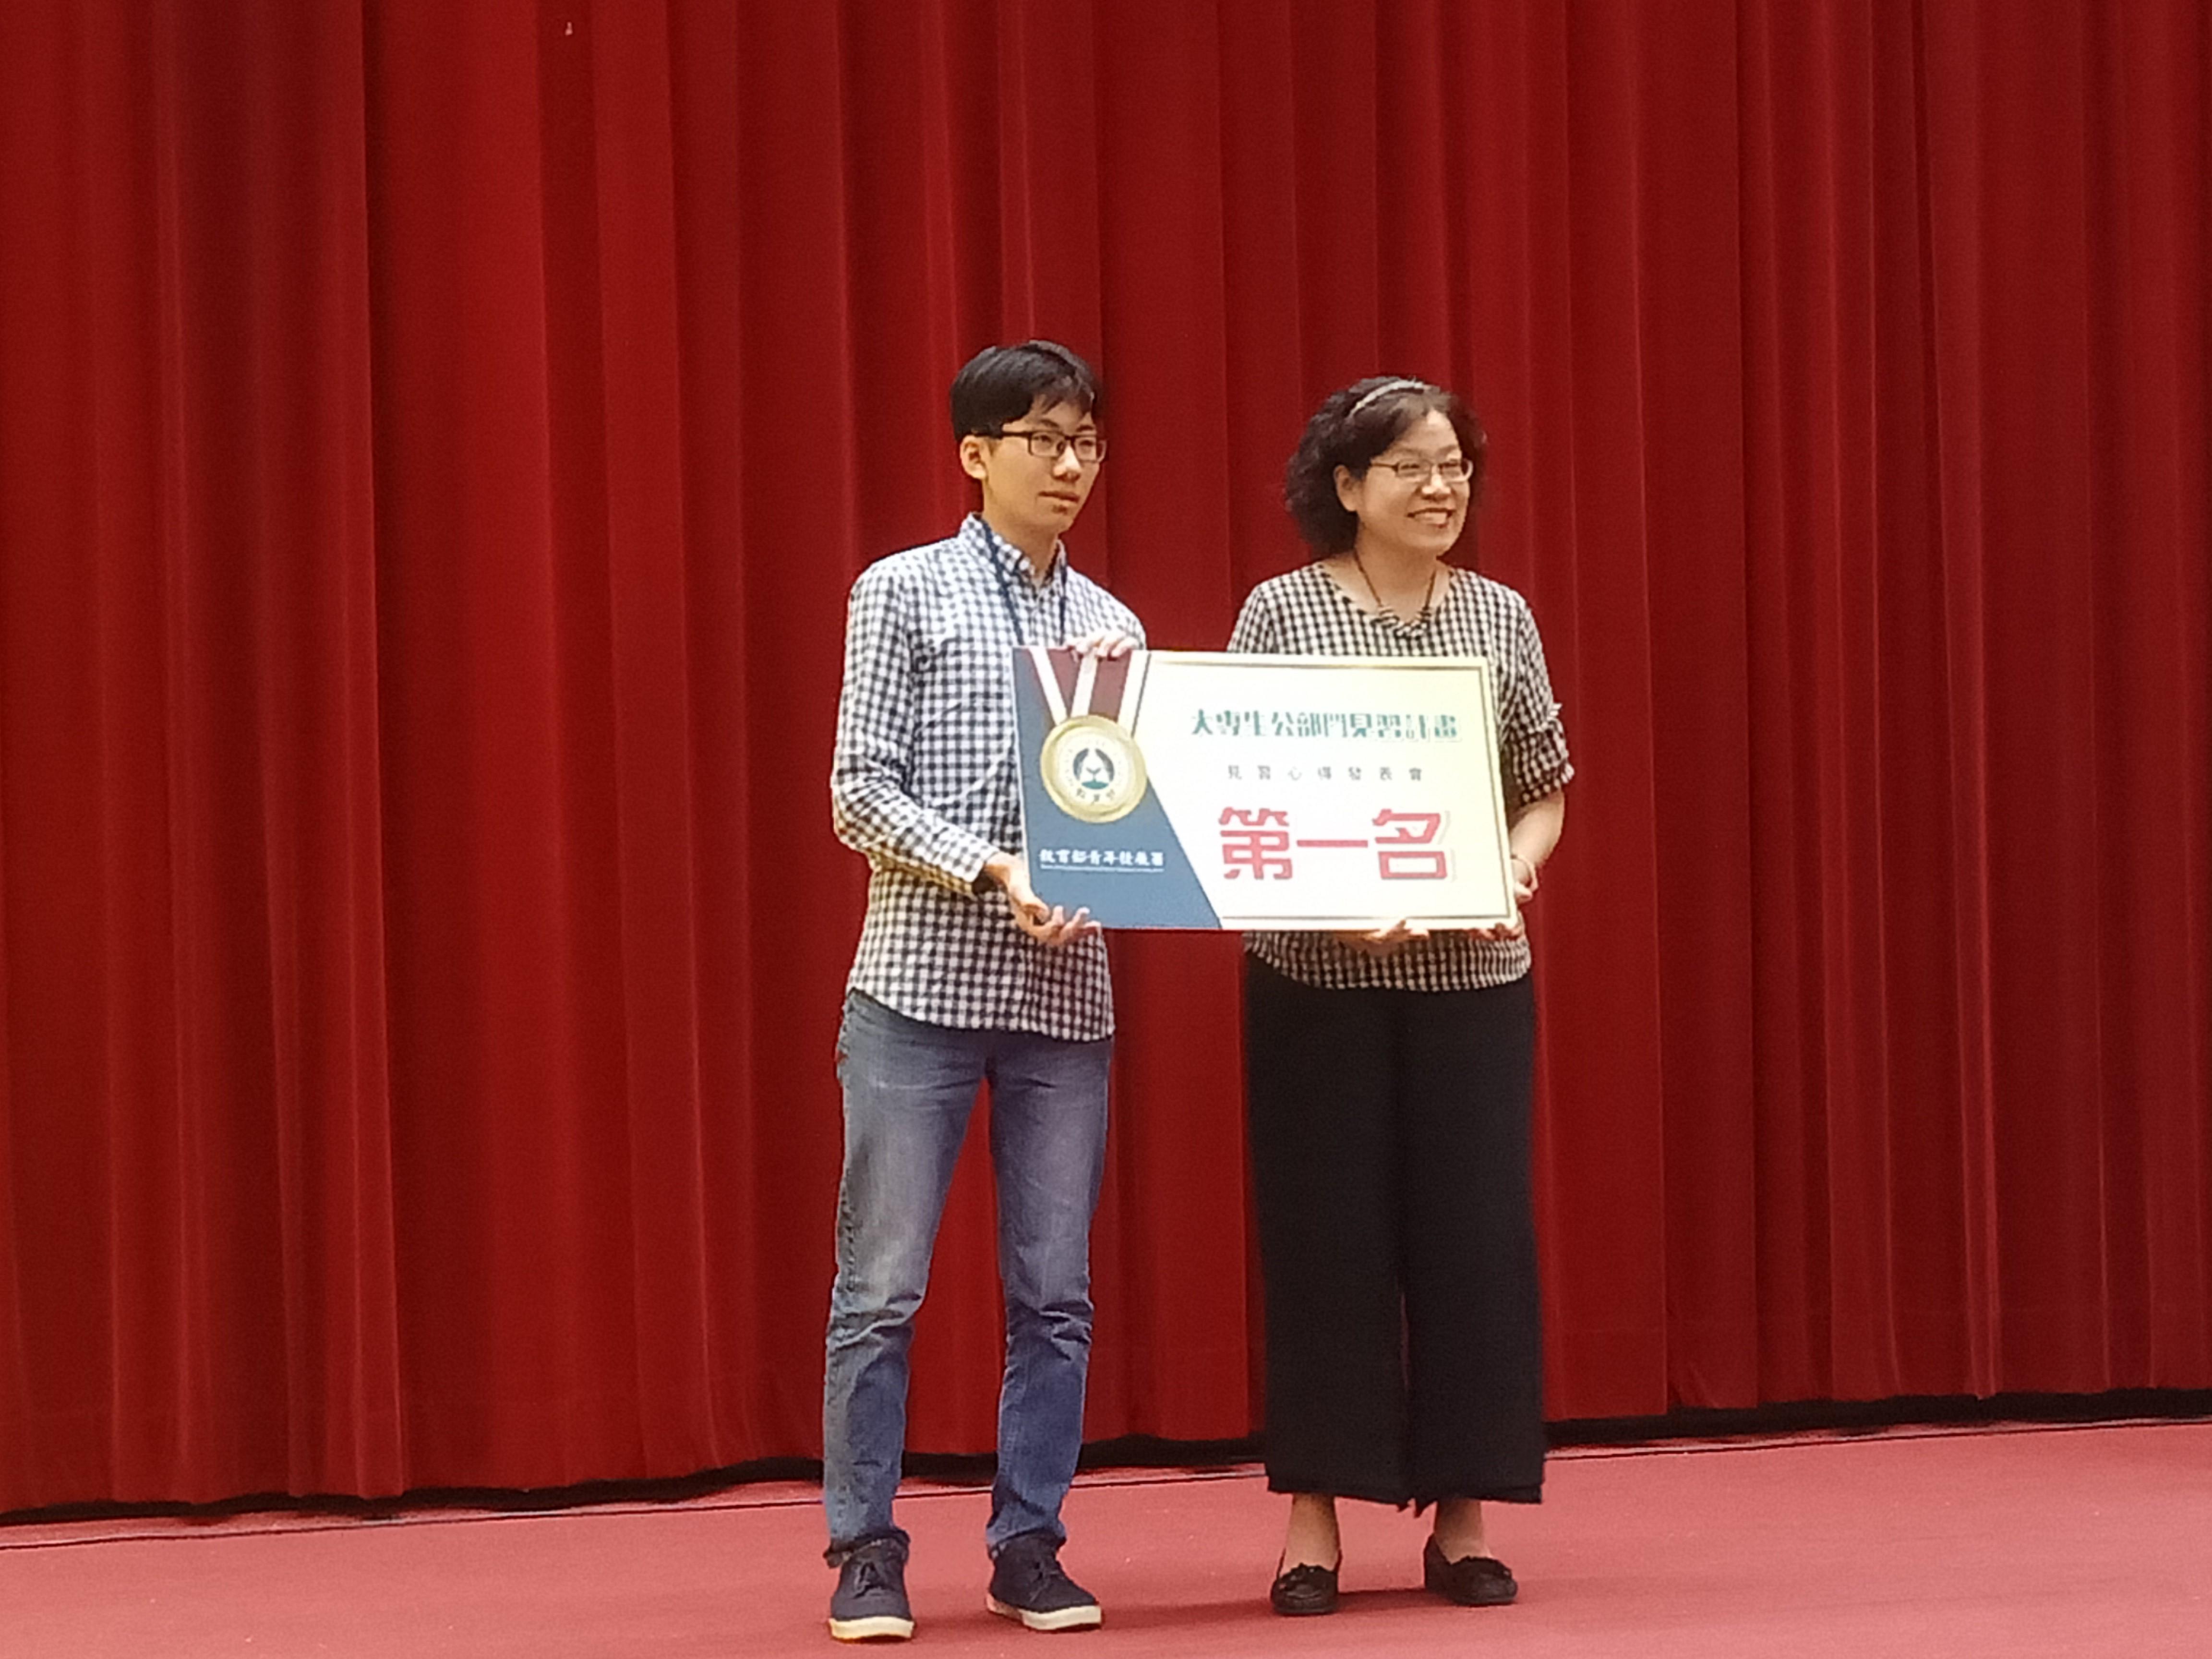 (圖二)108大學生公部門見習分享會頒獎由李冠辰奪得第一名的殊榮